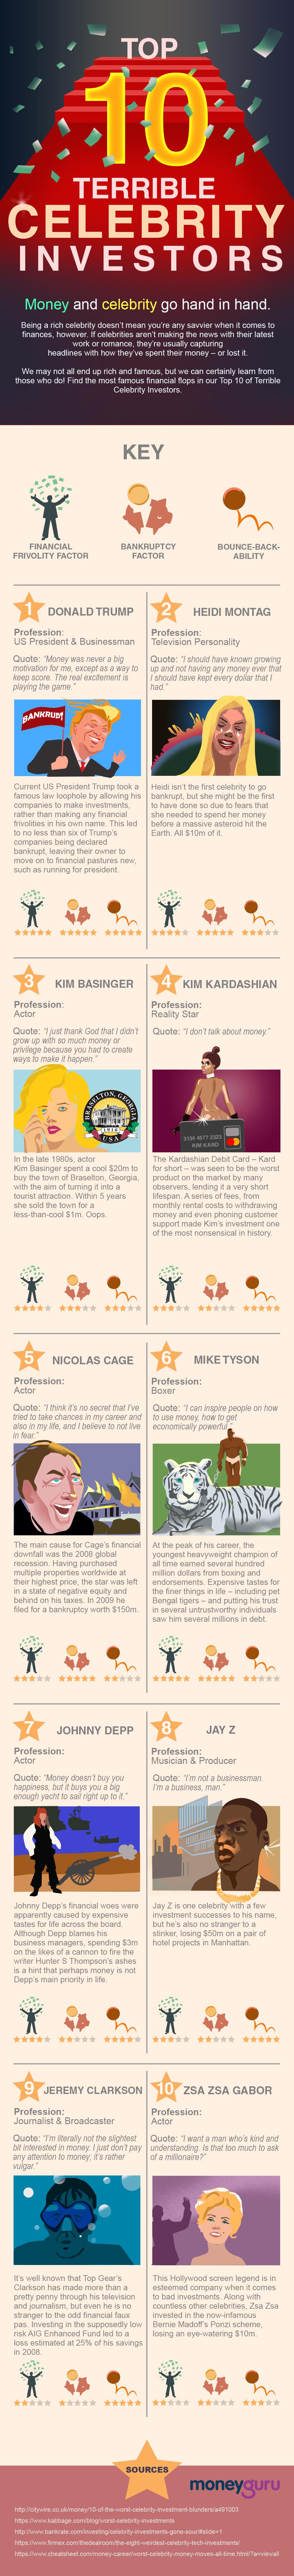 Terrible Celebrity Investors [Infographic]